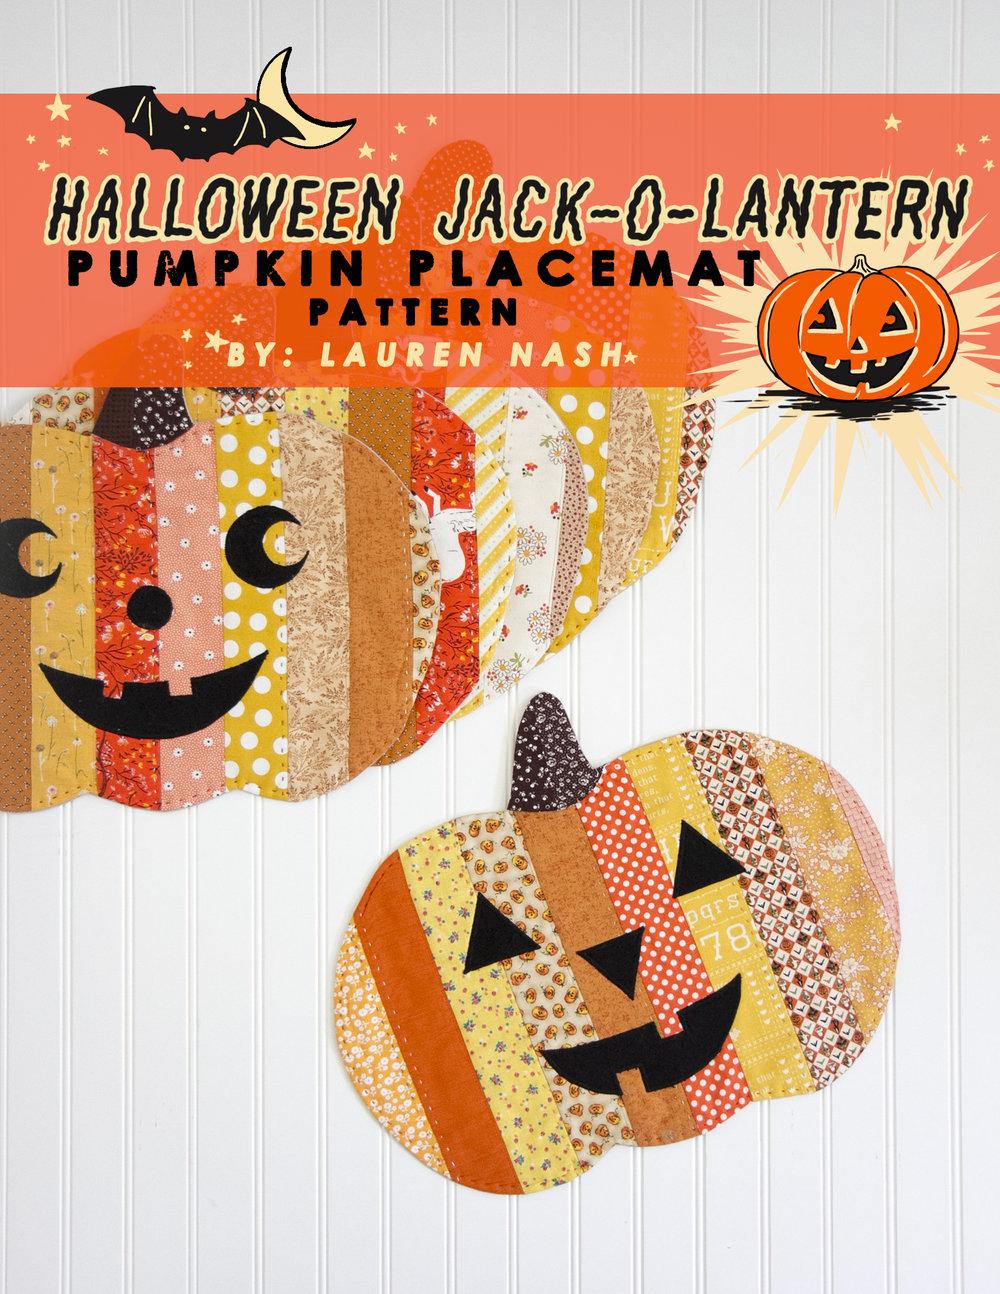 Halloween-pumpkin-placemat-pattern-cover___.jpg